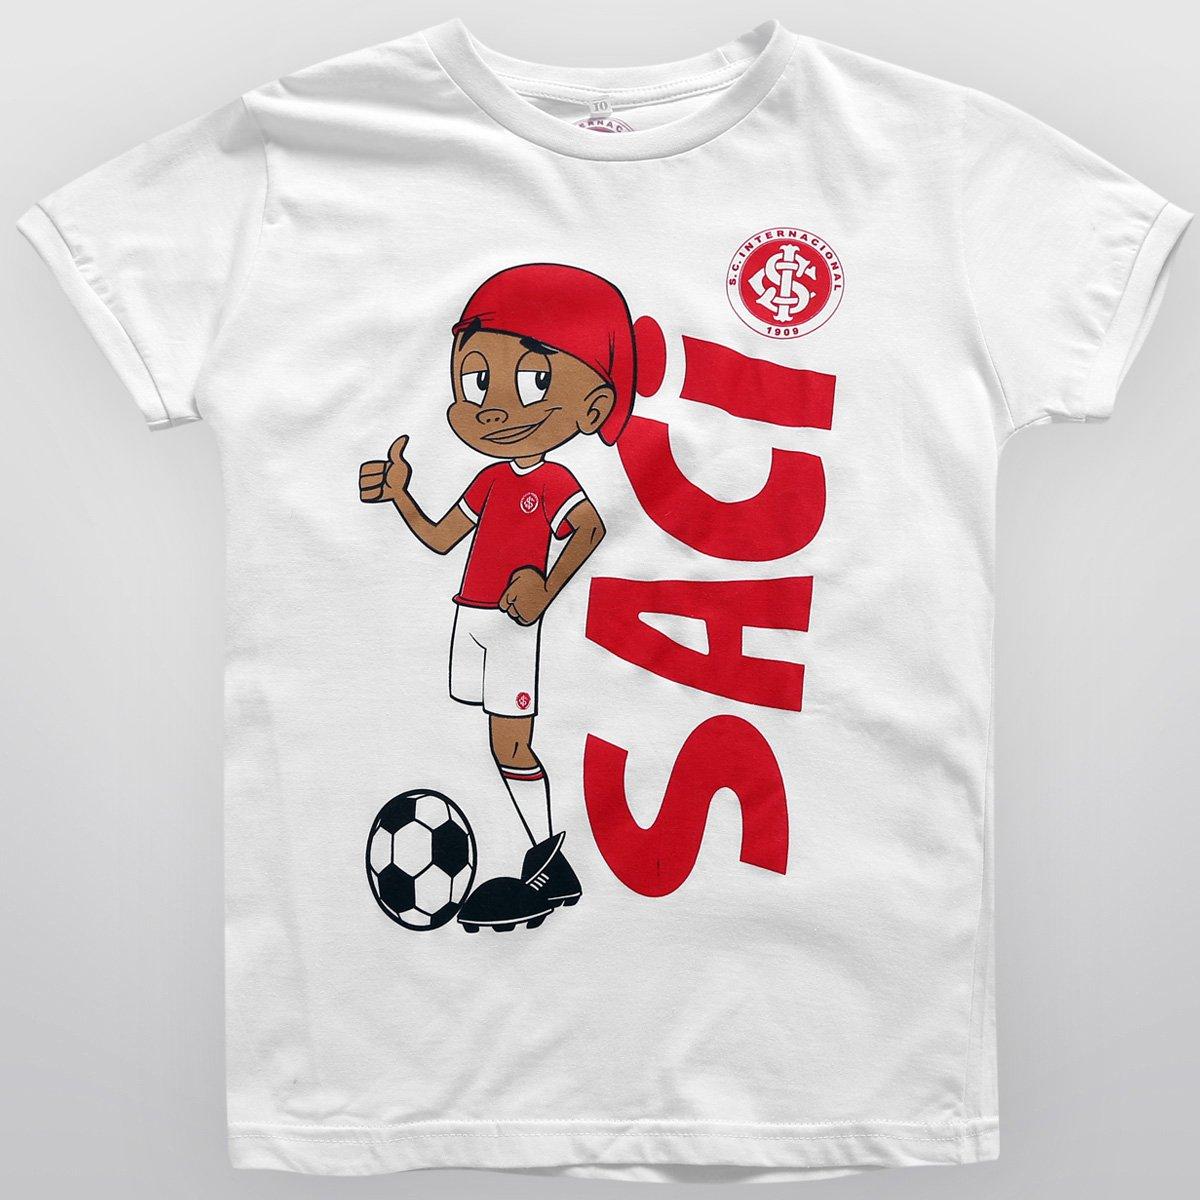 b7e783213f5 Camiseta Internacional Saci Juvenil - Compre Agora